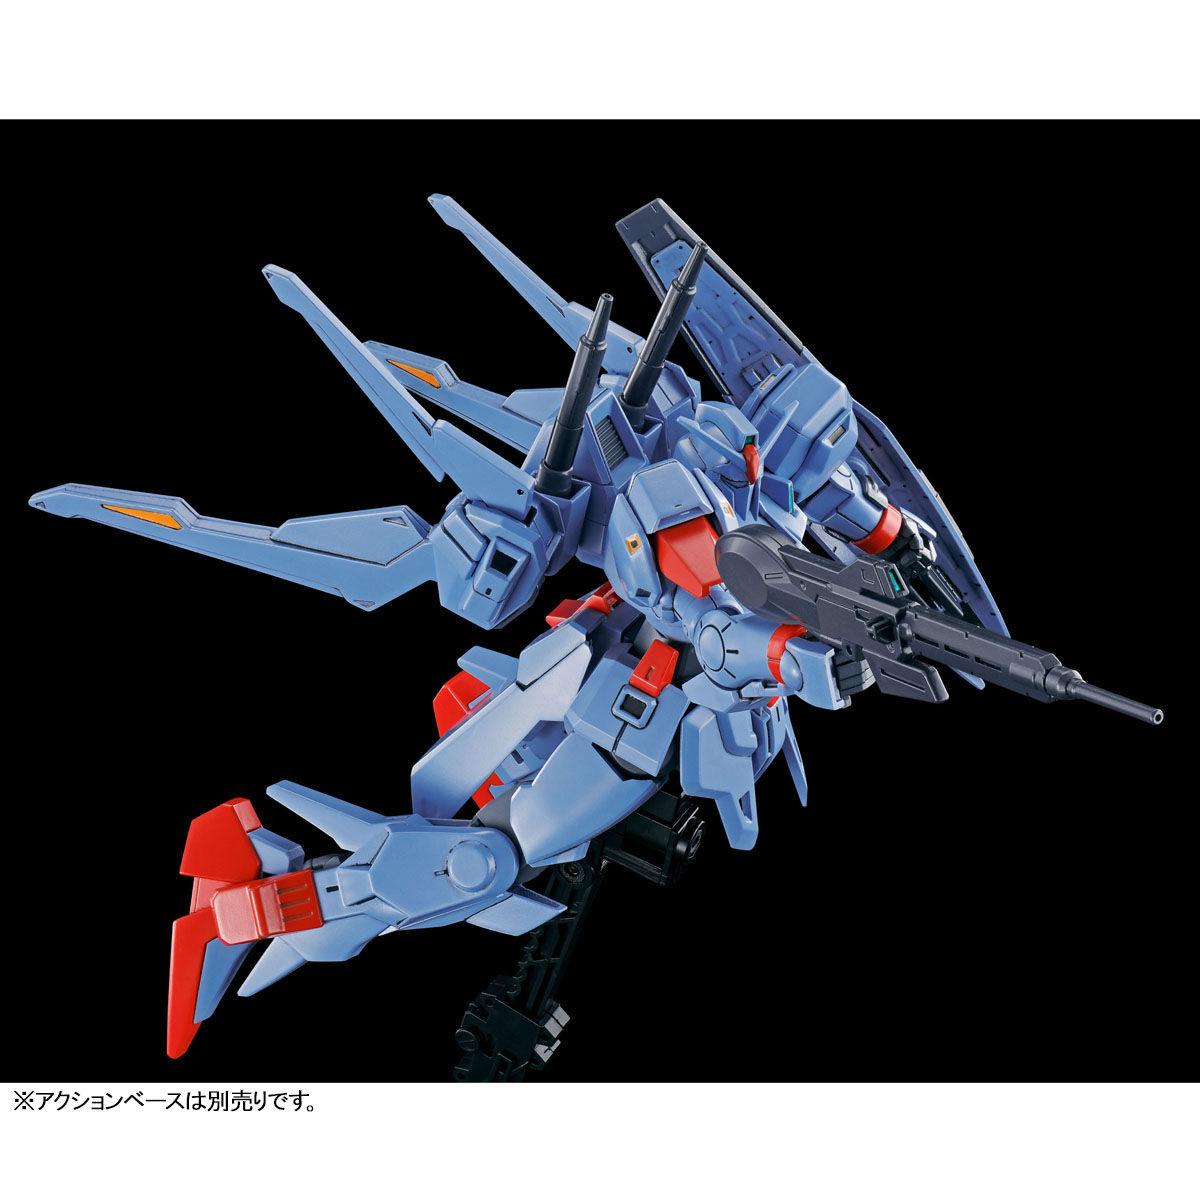 【限定販売】【2次】HG 1/144『ガンダムMk-III』Ζ-MSV プラモデル-005